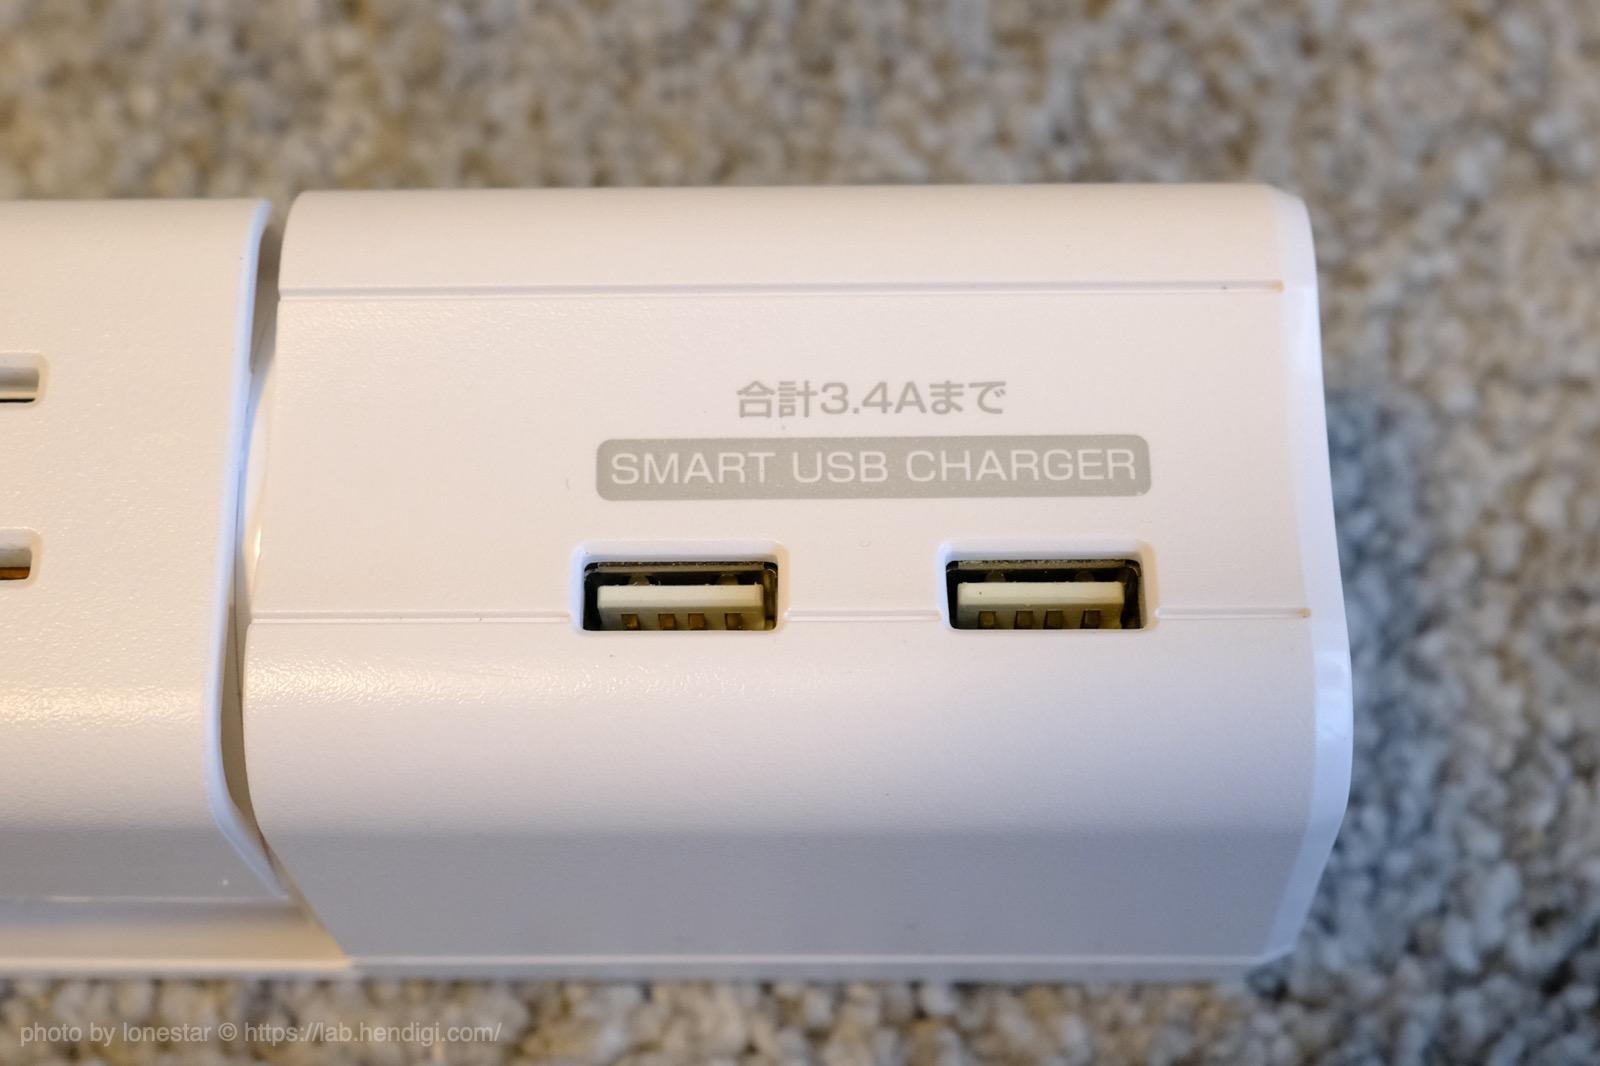 サンワダイレクト 電源タップ USB